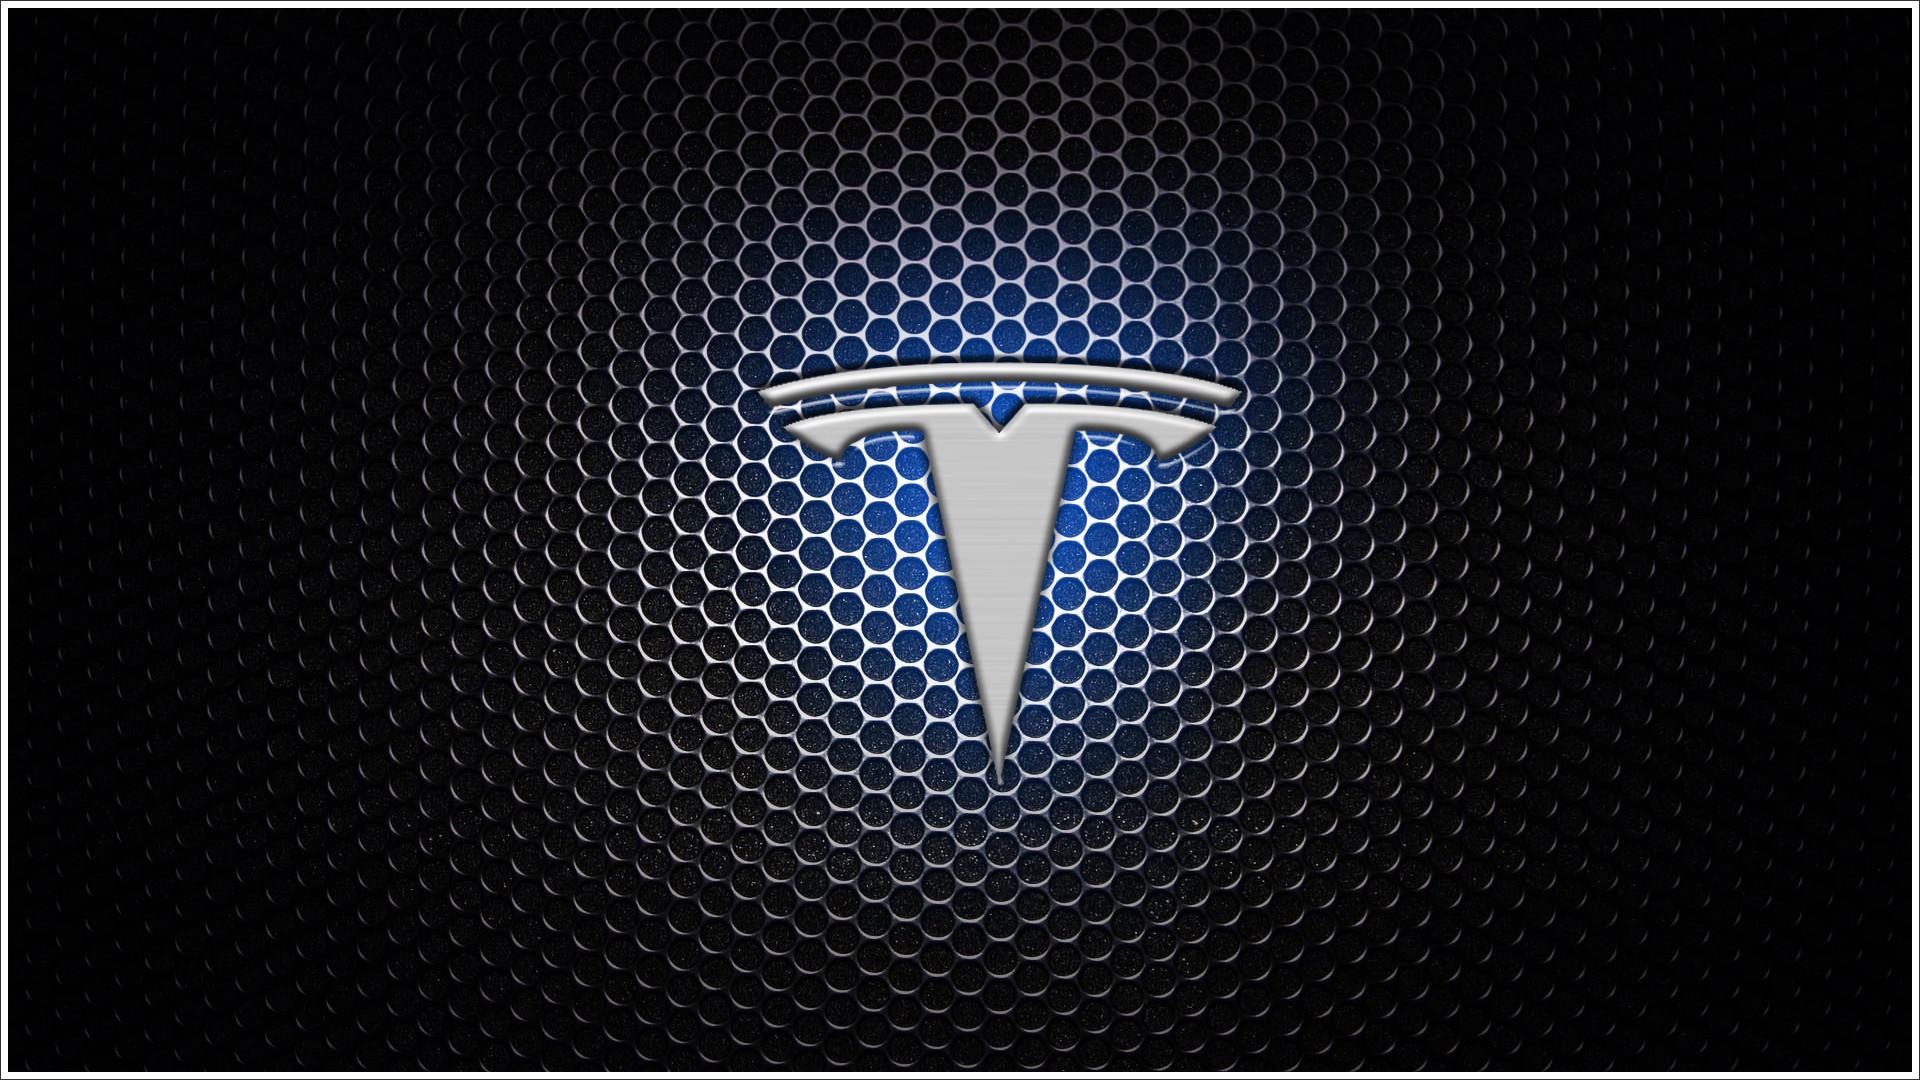 Tesla logos